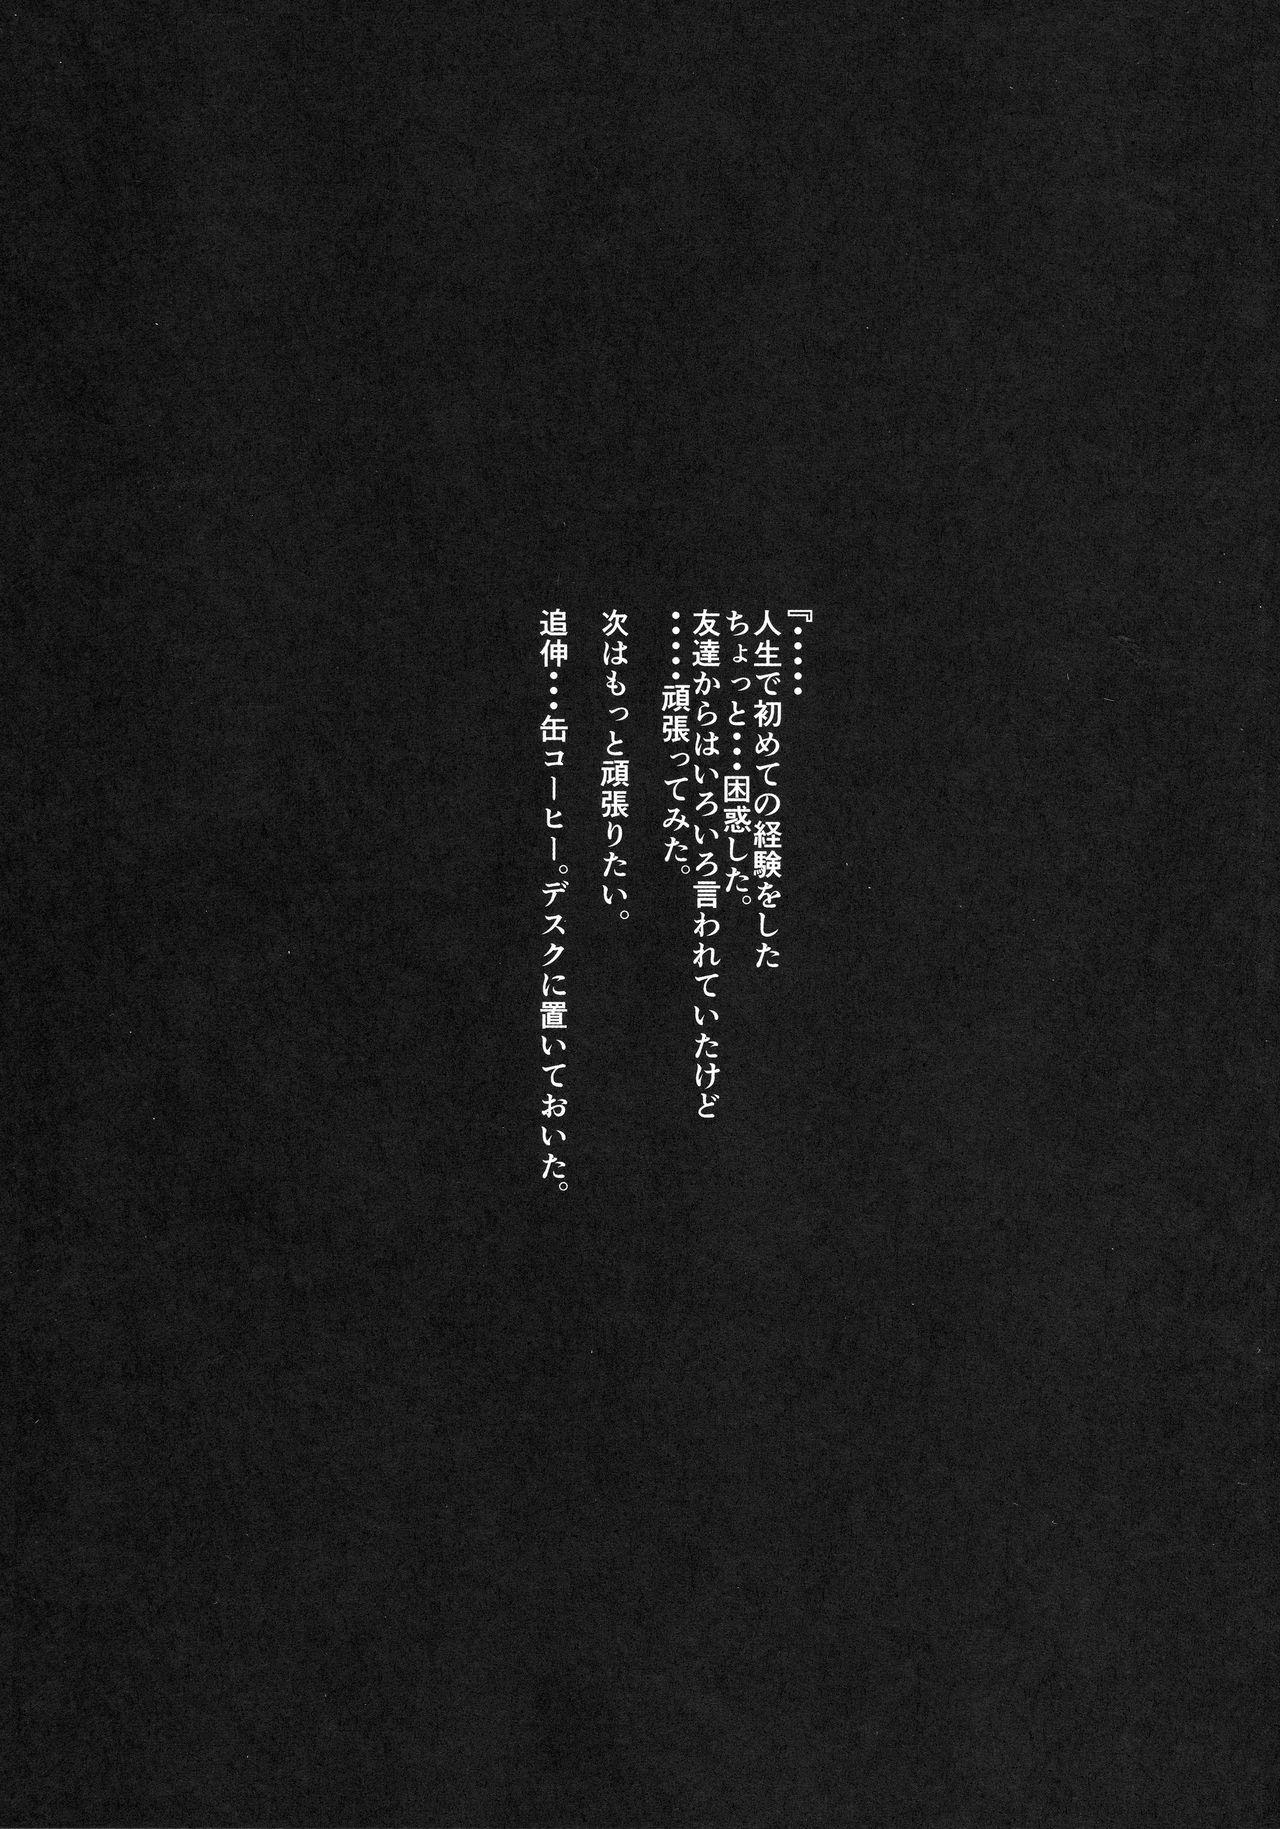 Kyou no Dekigoto 21